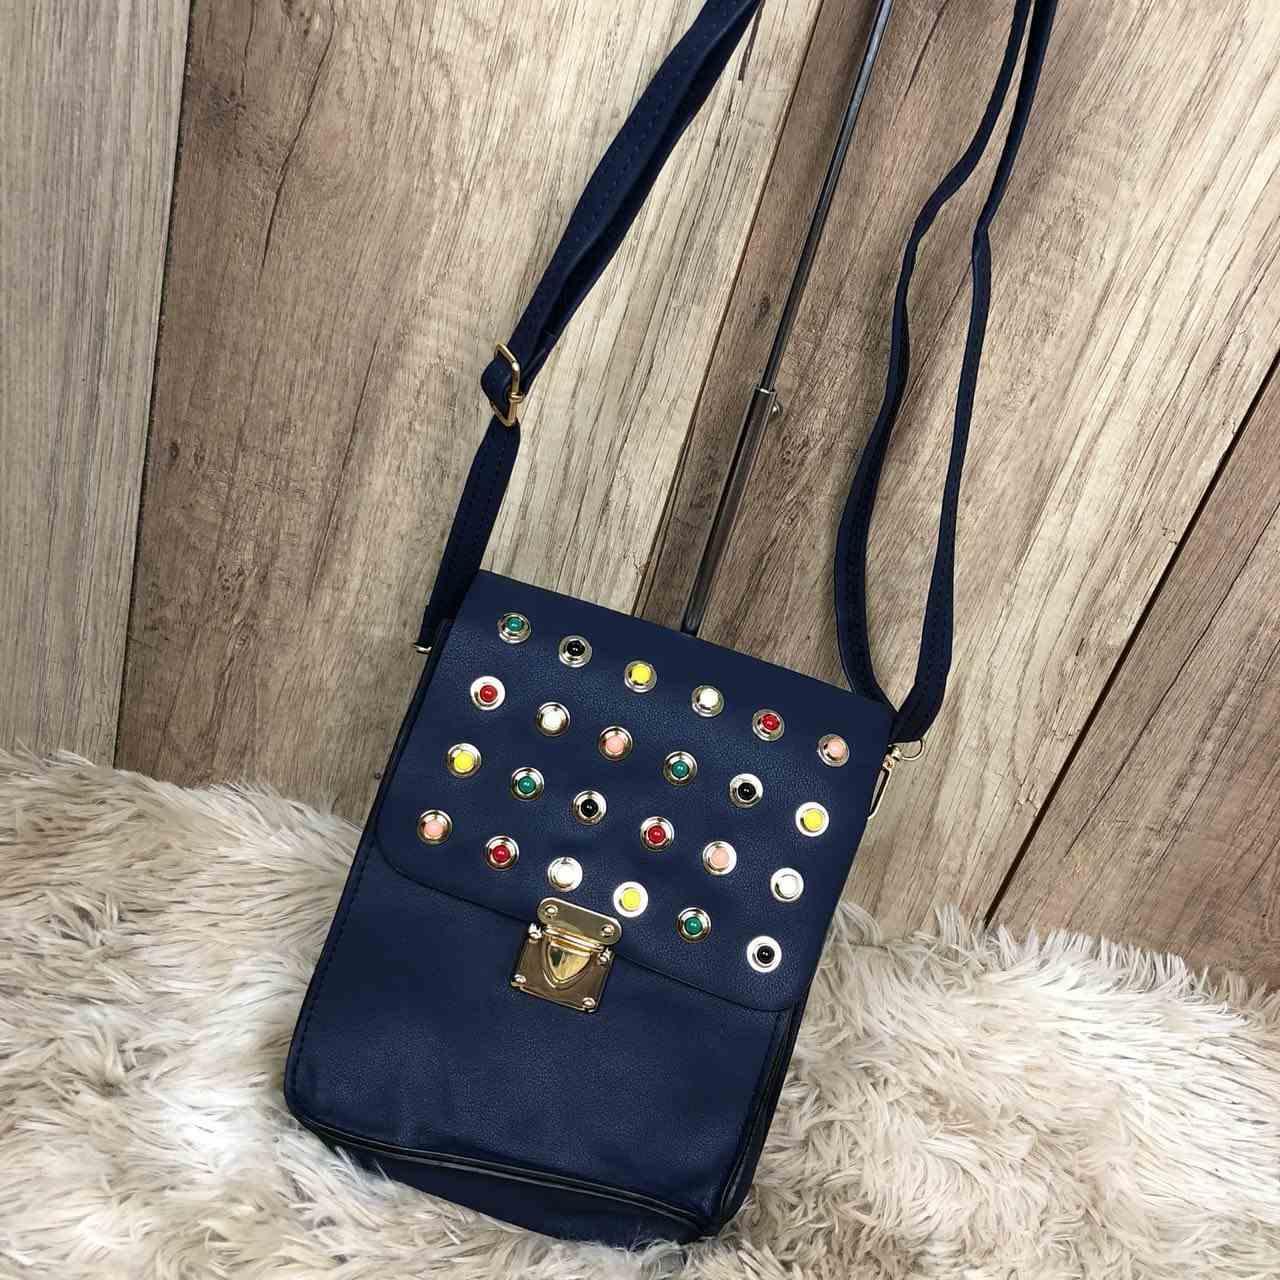 Bolsa Feminina Pequena Azul Marinho Inspiração Gucci Pérolas Coloridas Alça  Ajustável 2c4b04044dcfd